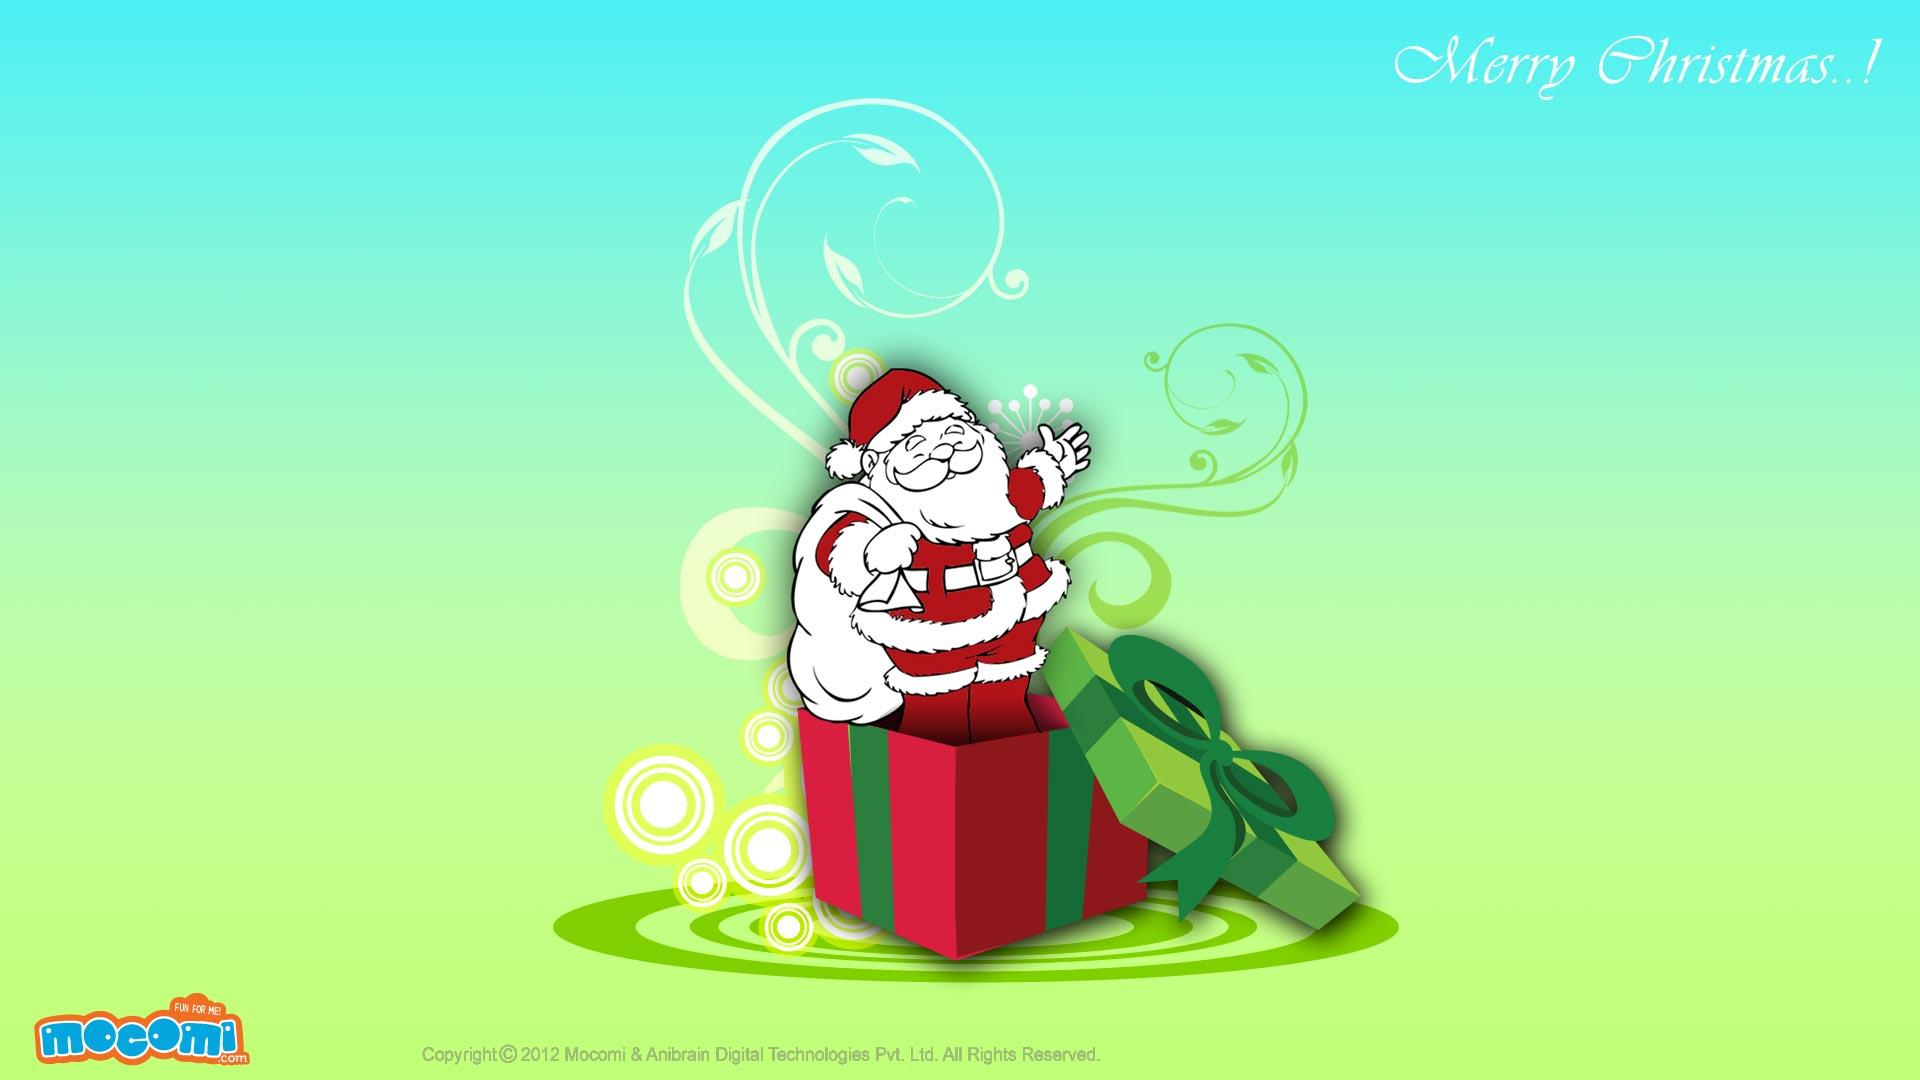 Santa in a gift